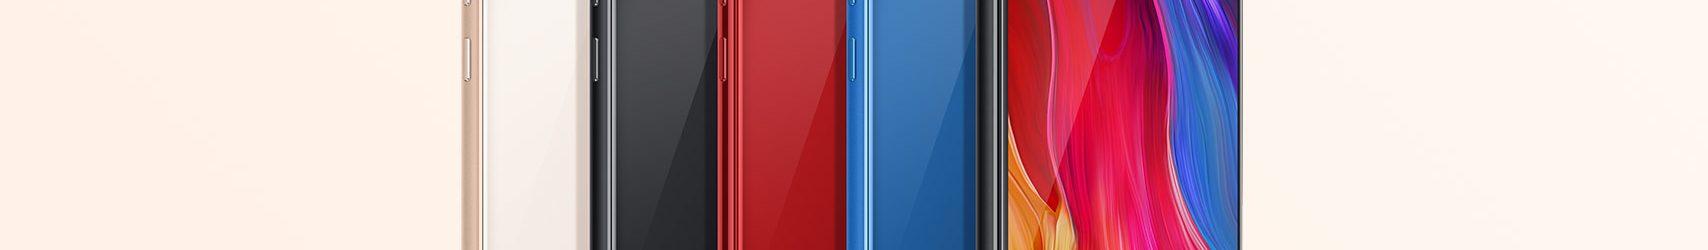 Xiaomi Mi 8 SE ufficiale: interessante smartphone di fascia media con Snapdragon 710